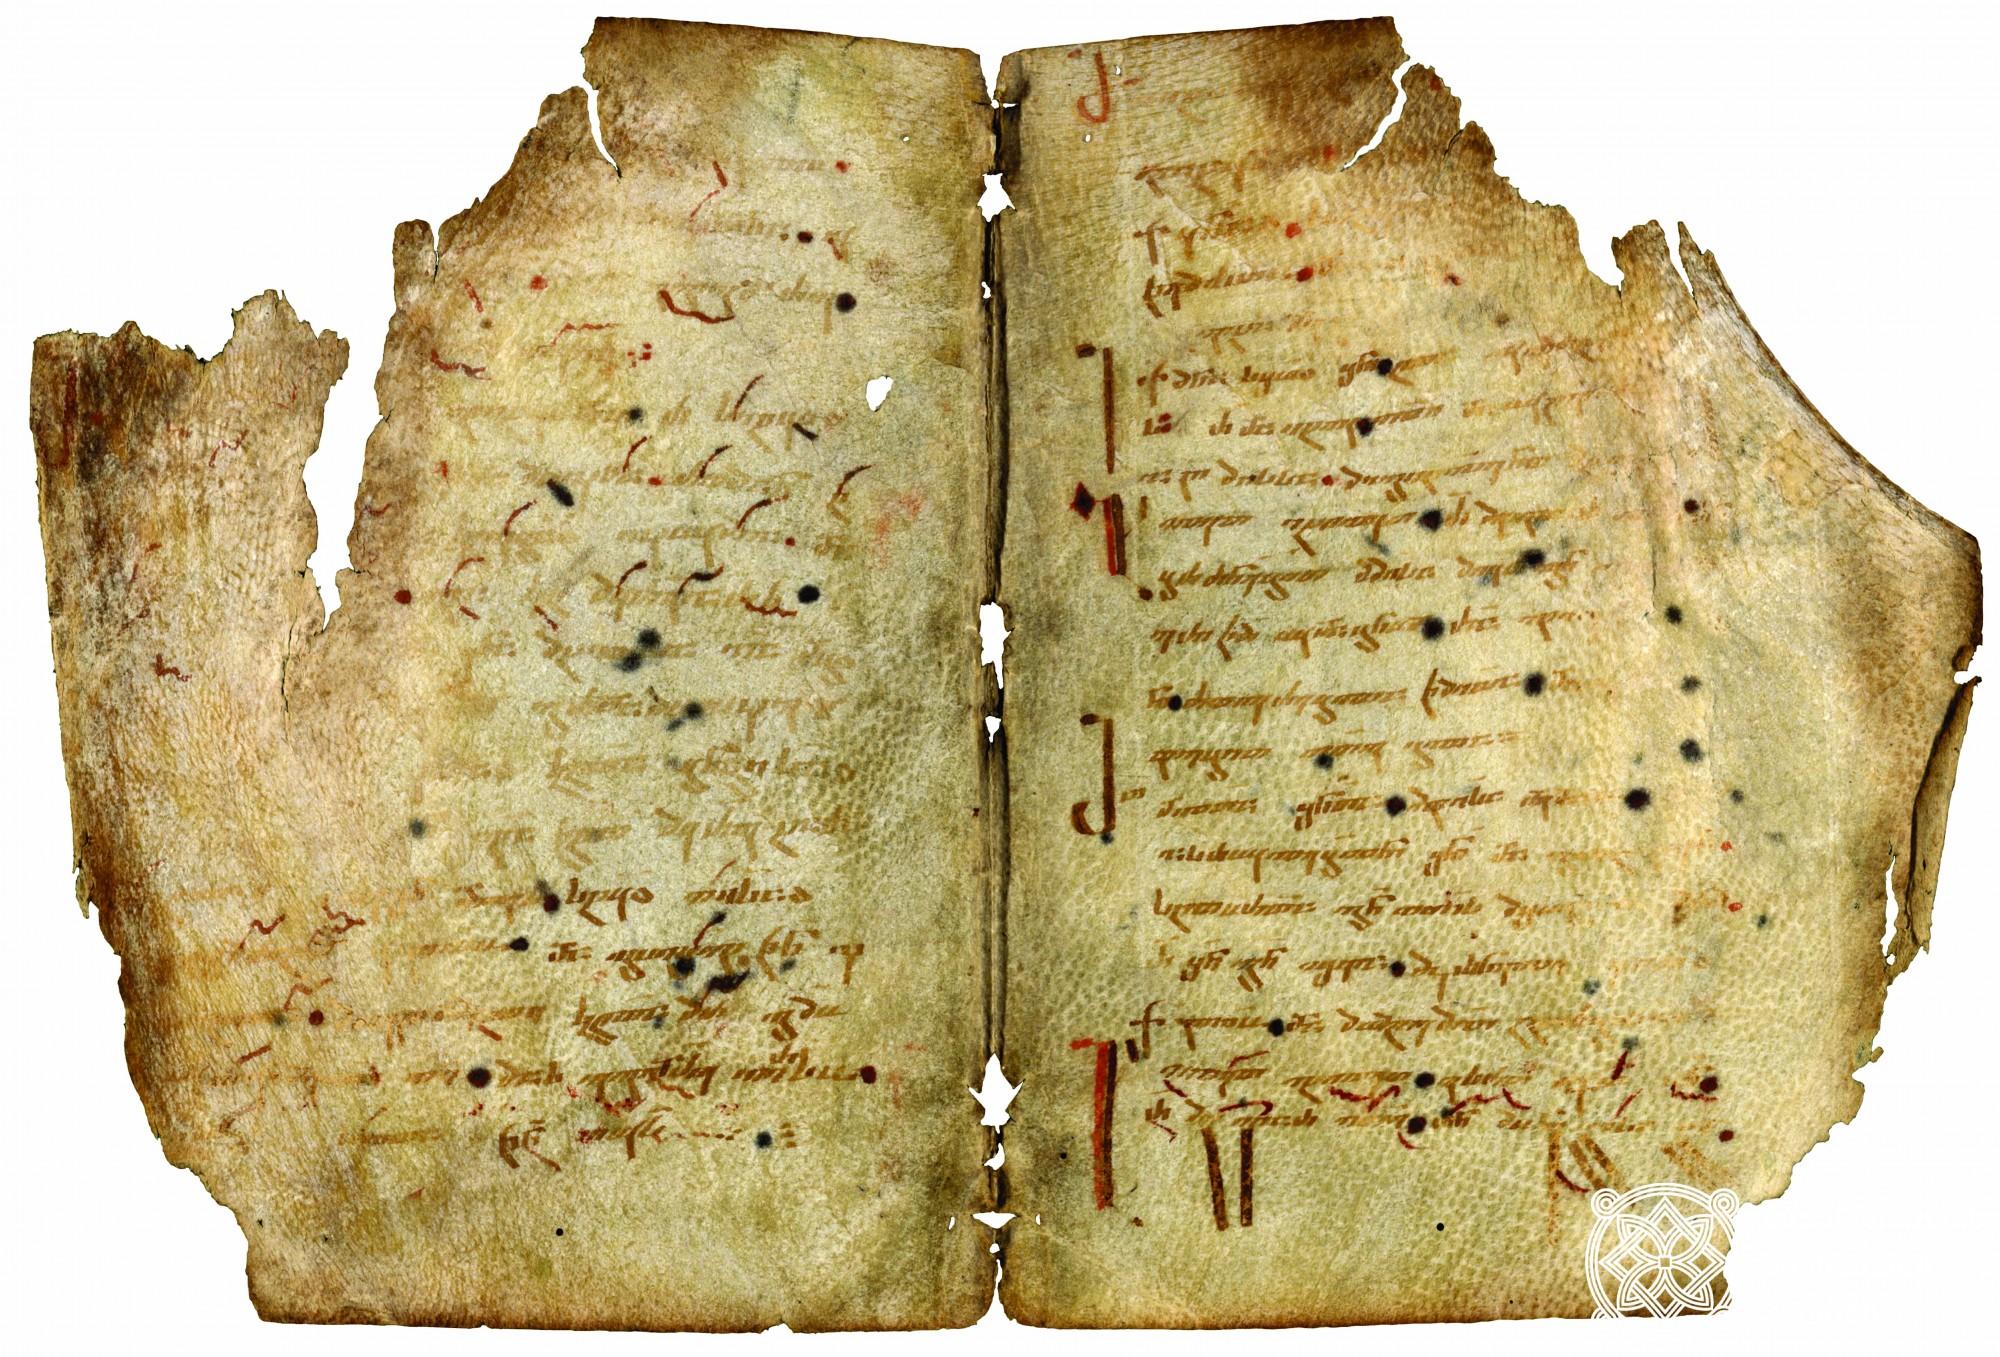 ნევმირებული საგალობლები, X-XI საუკუნენ <br> Neumatic Hymns, 10th-11th cc.